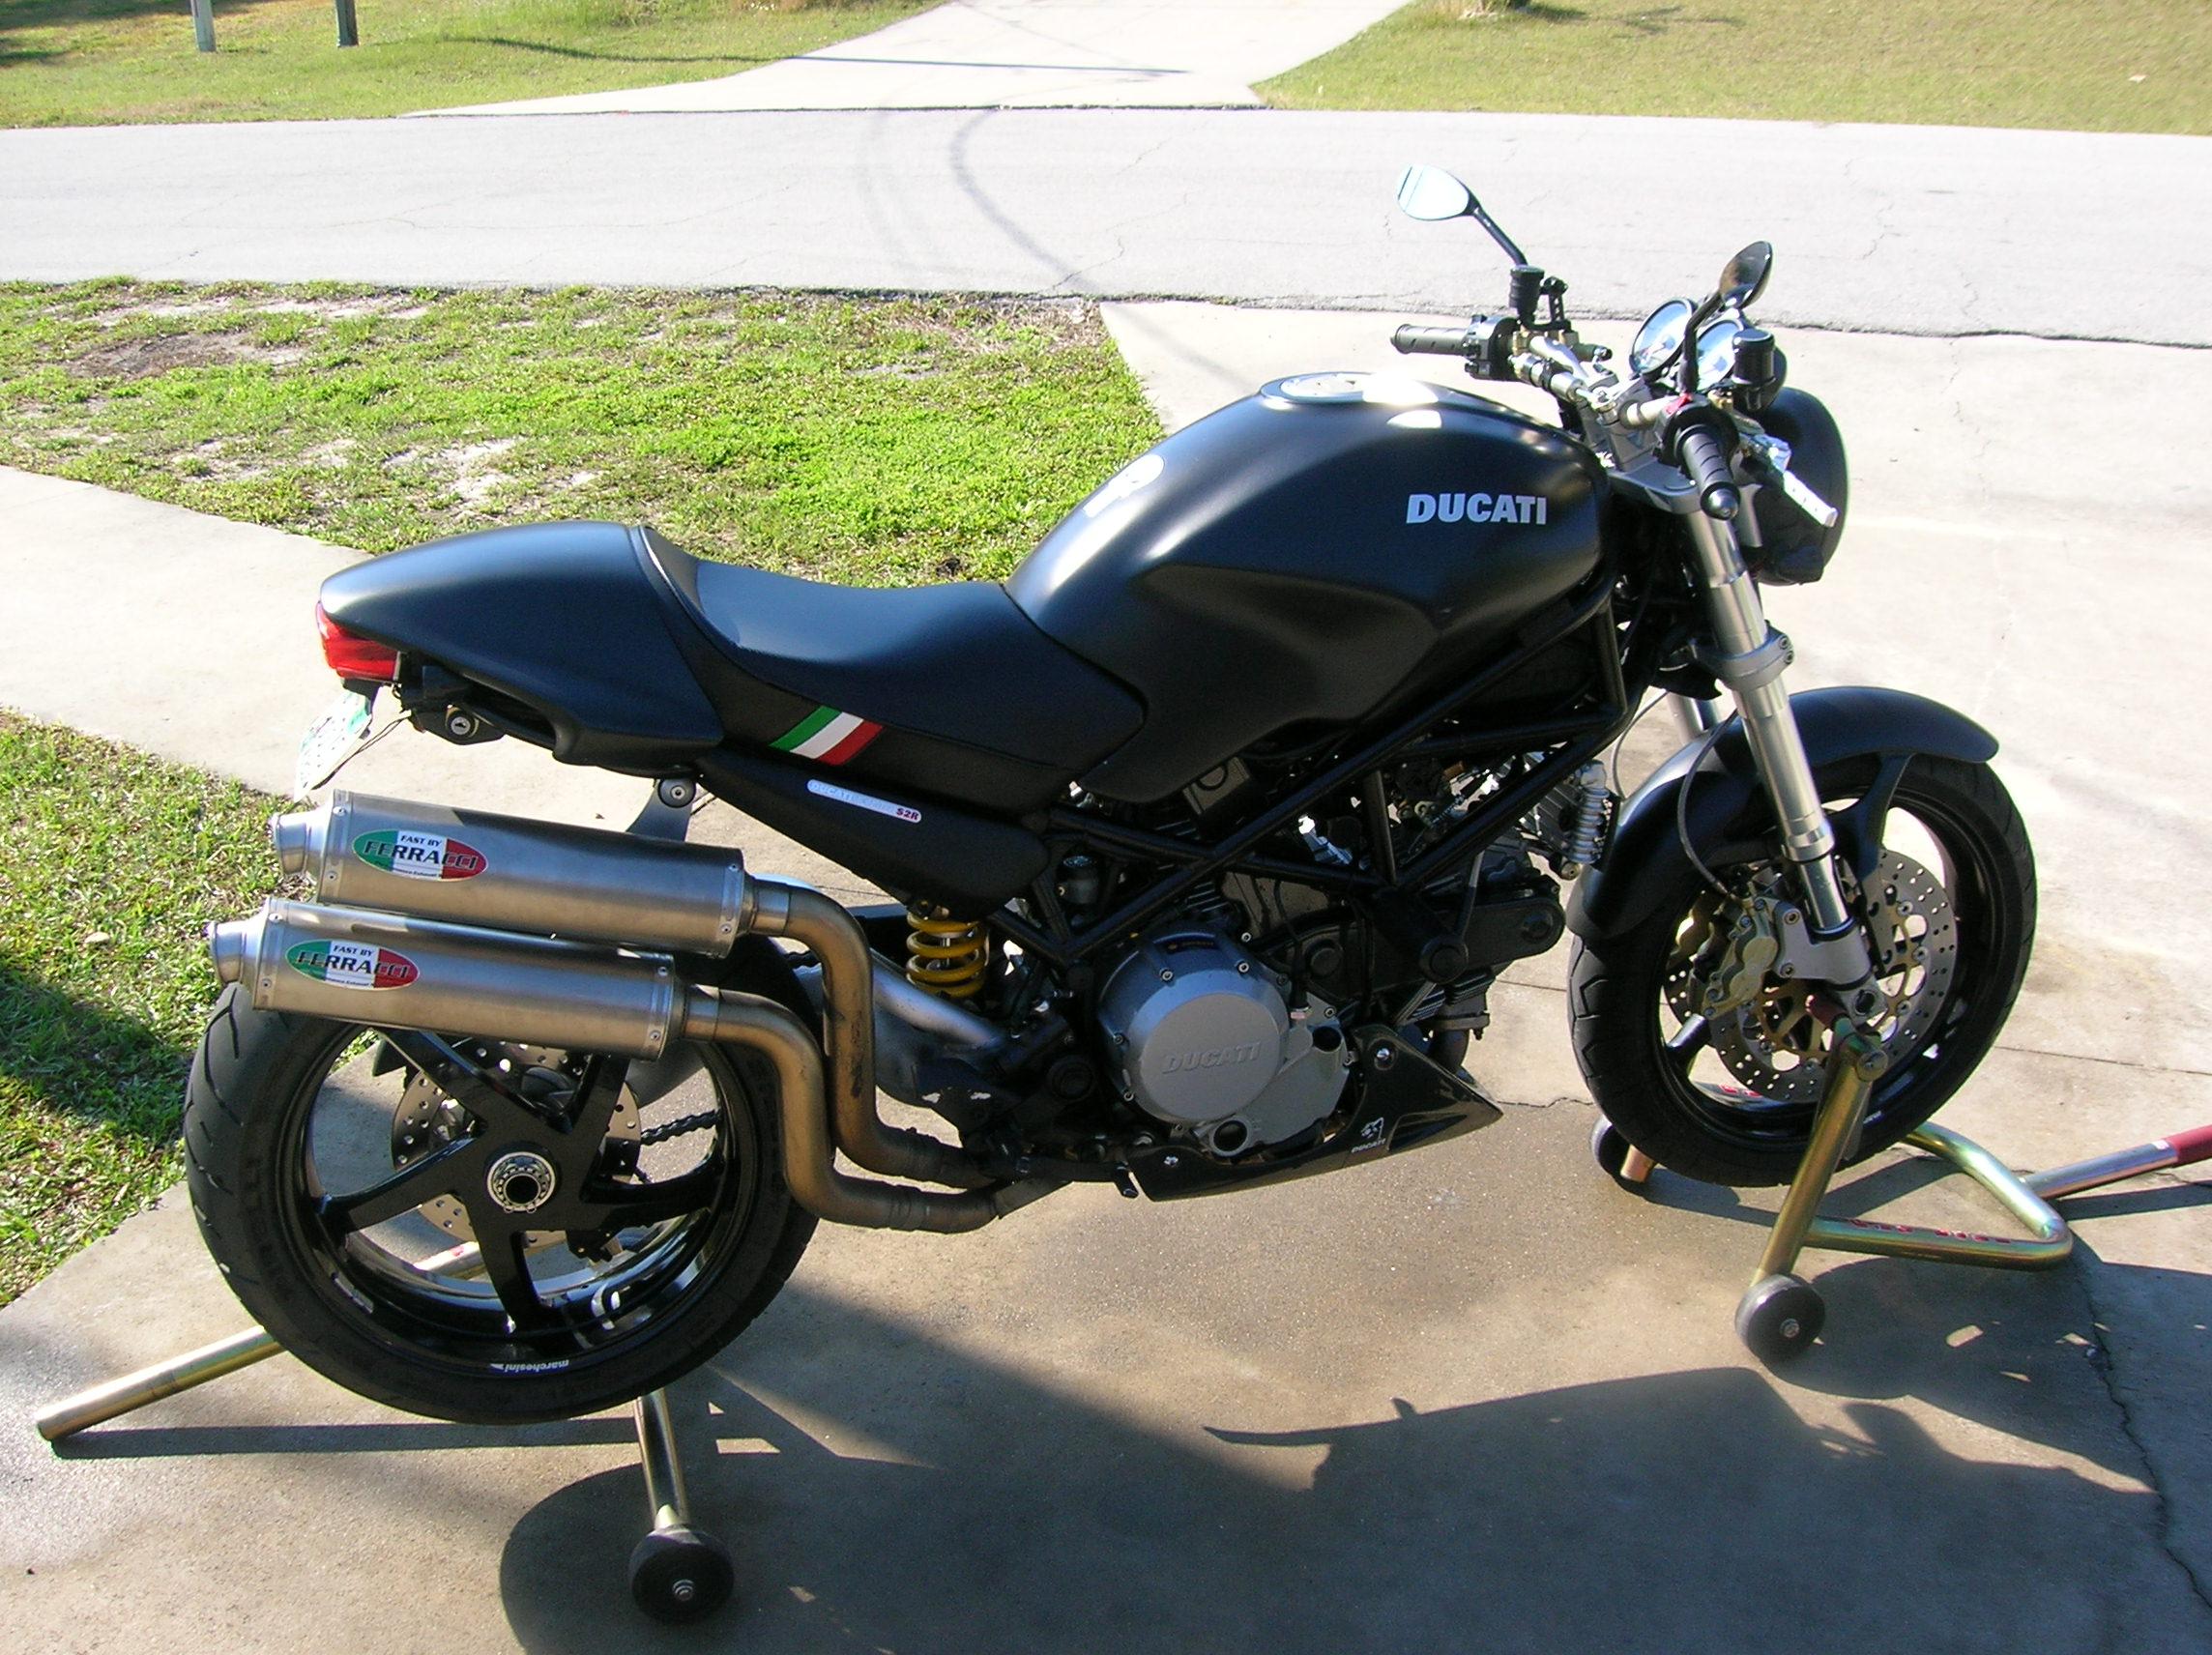 ducati s2r for sale - sportbikes